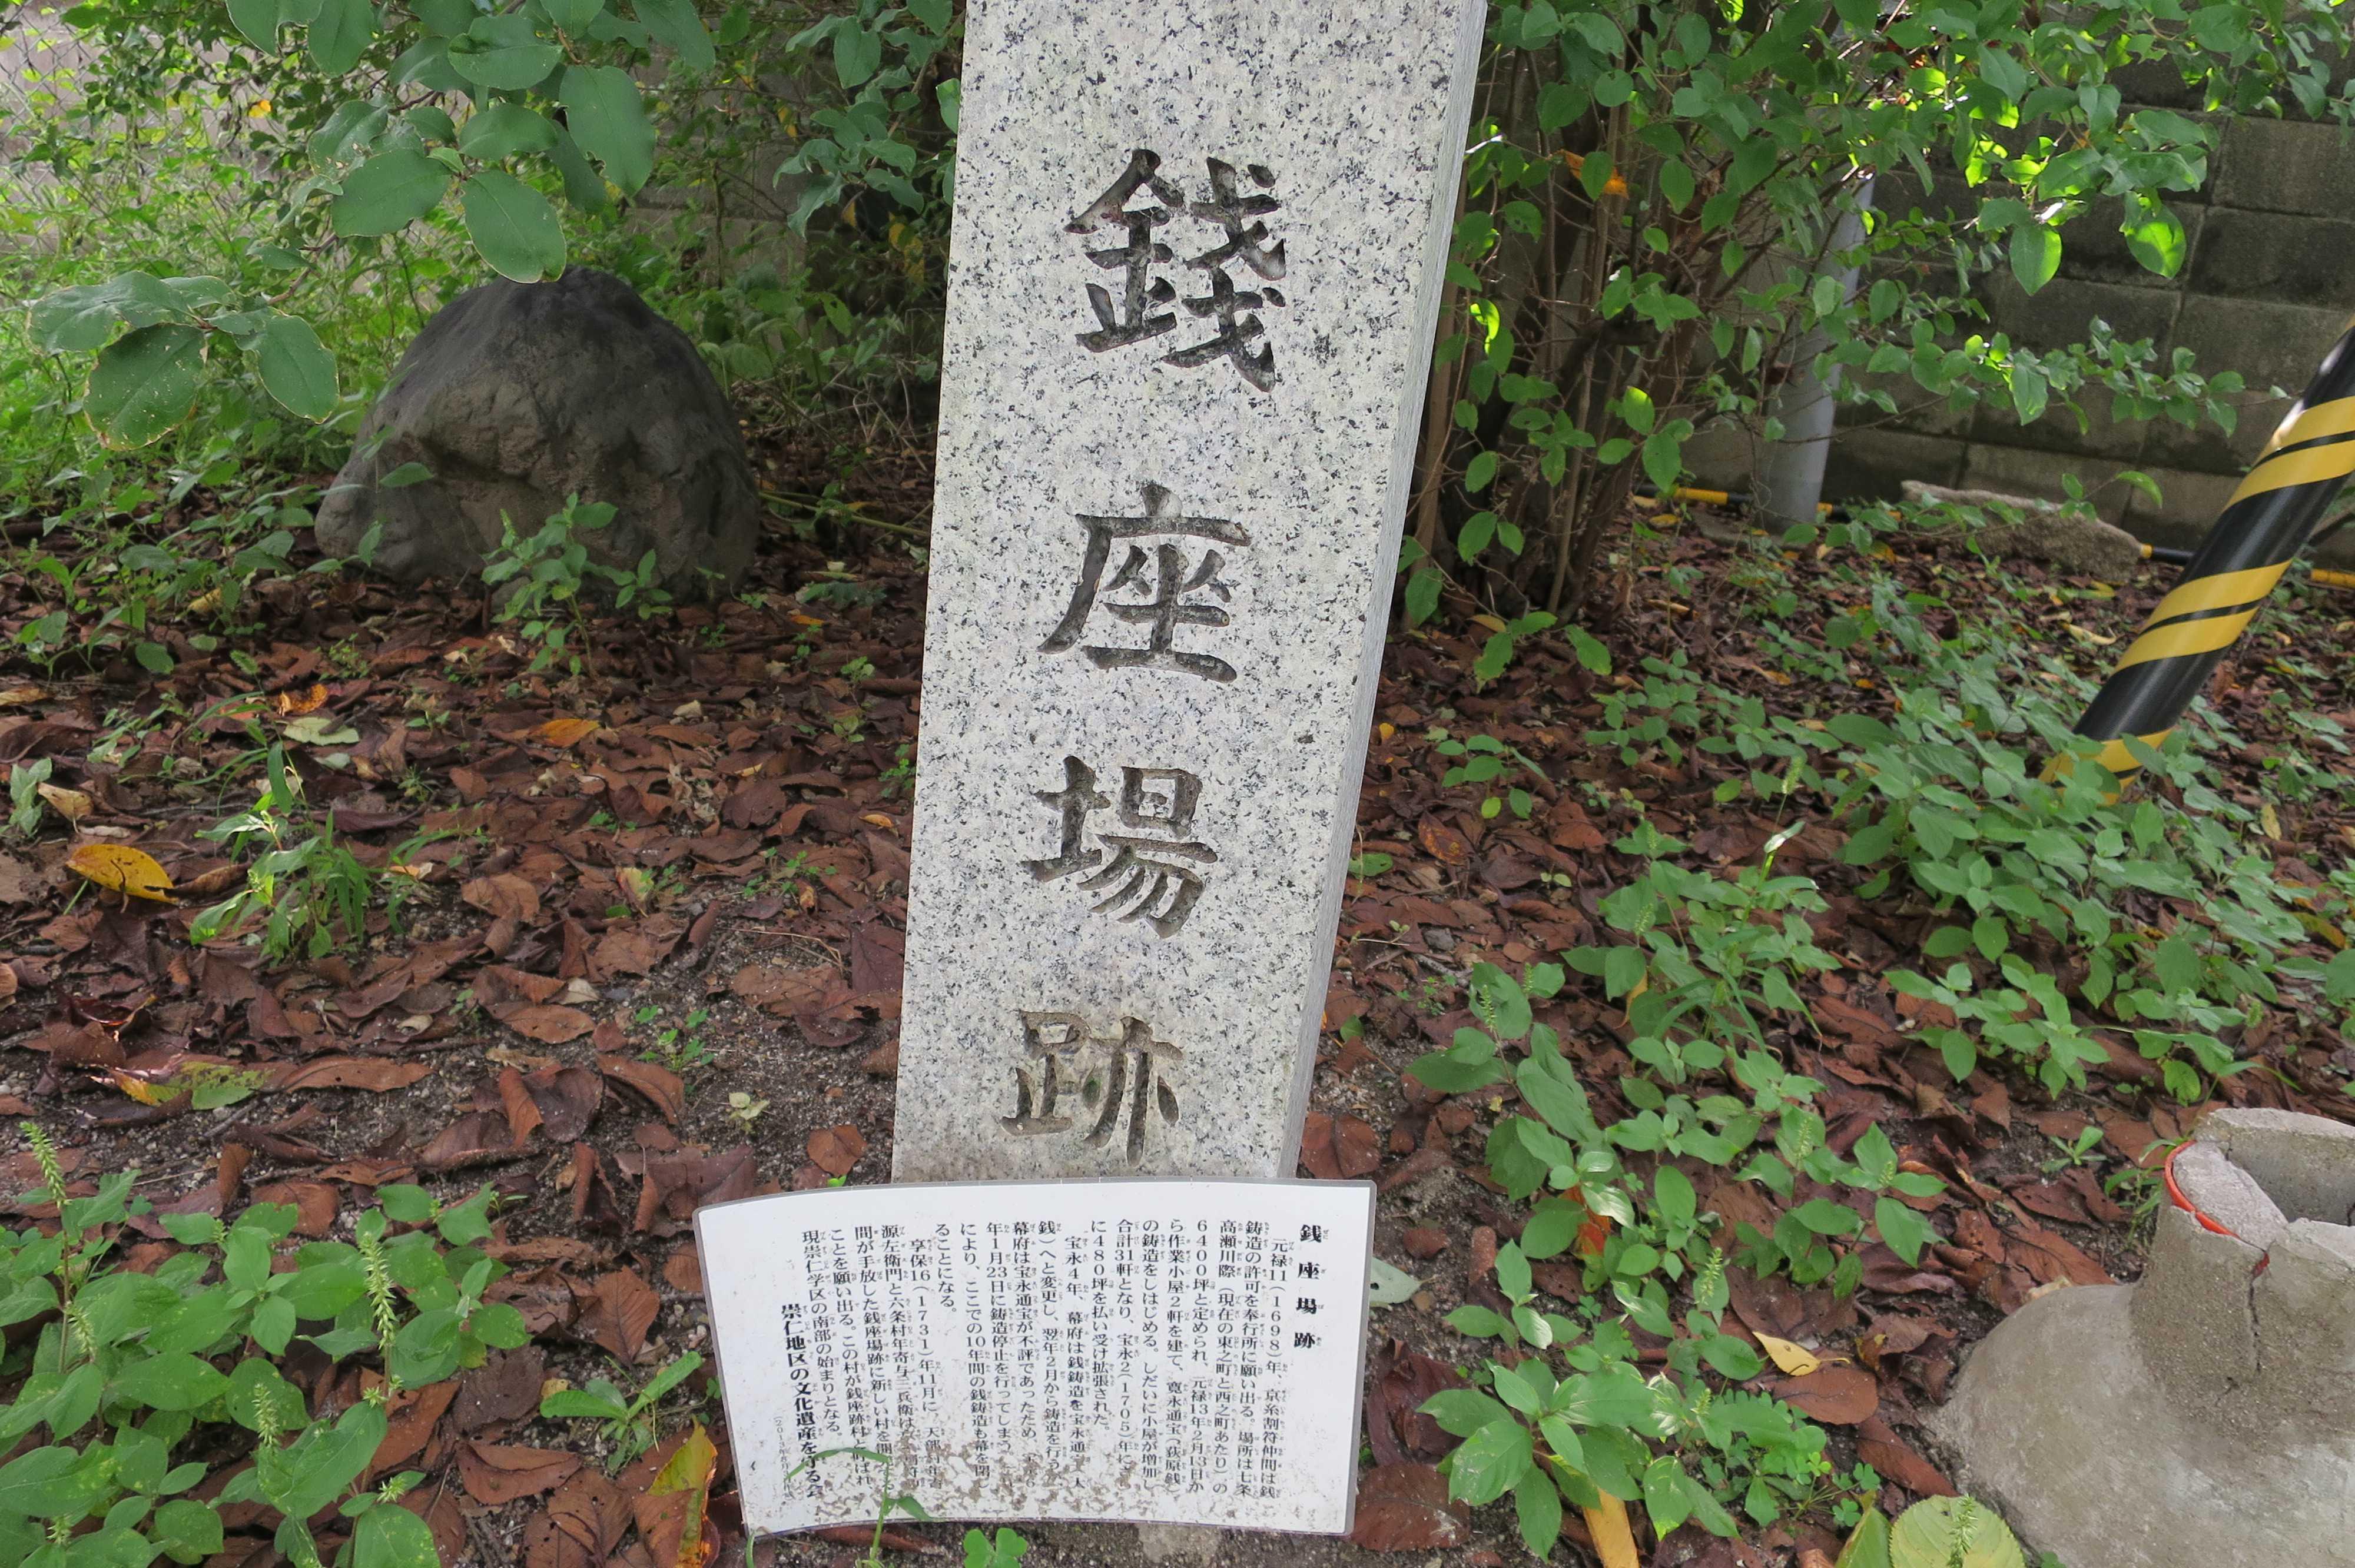 京都・崇仁地区 - 銭座場跡(錢座場跡)